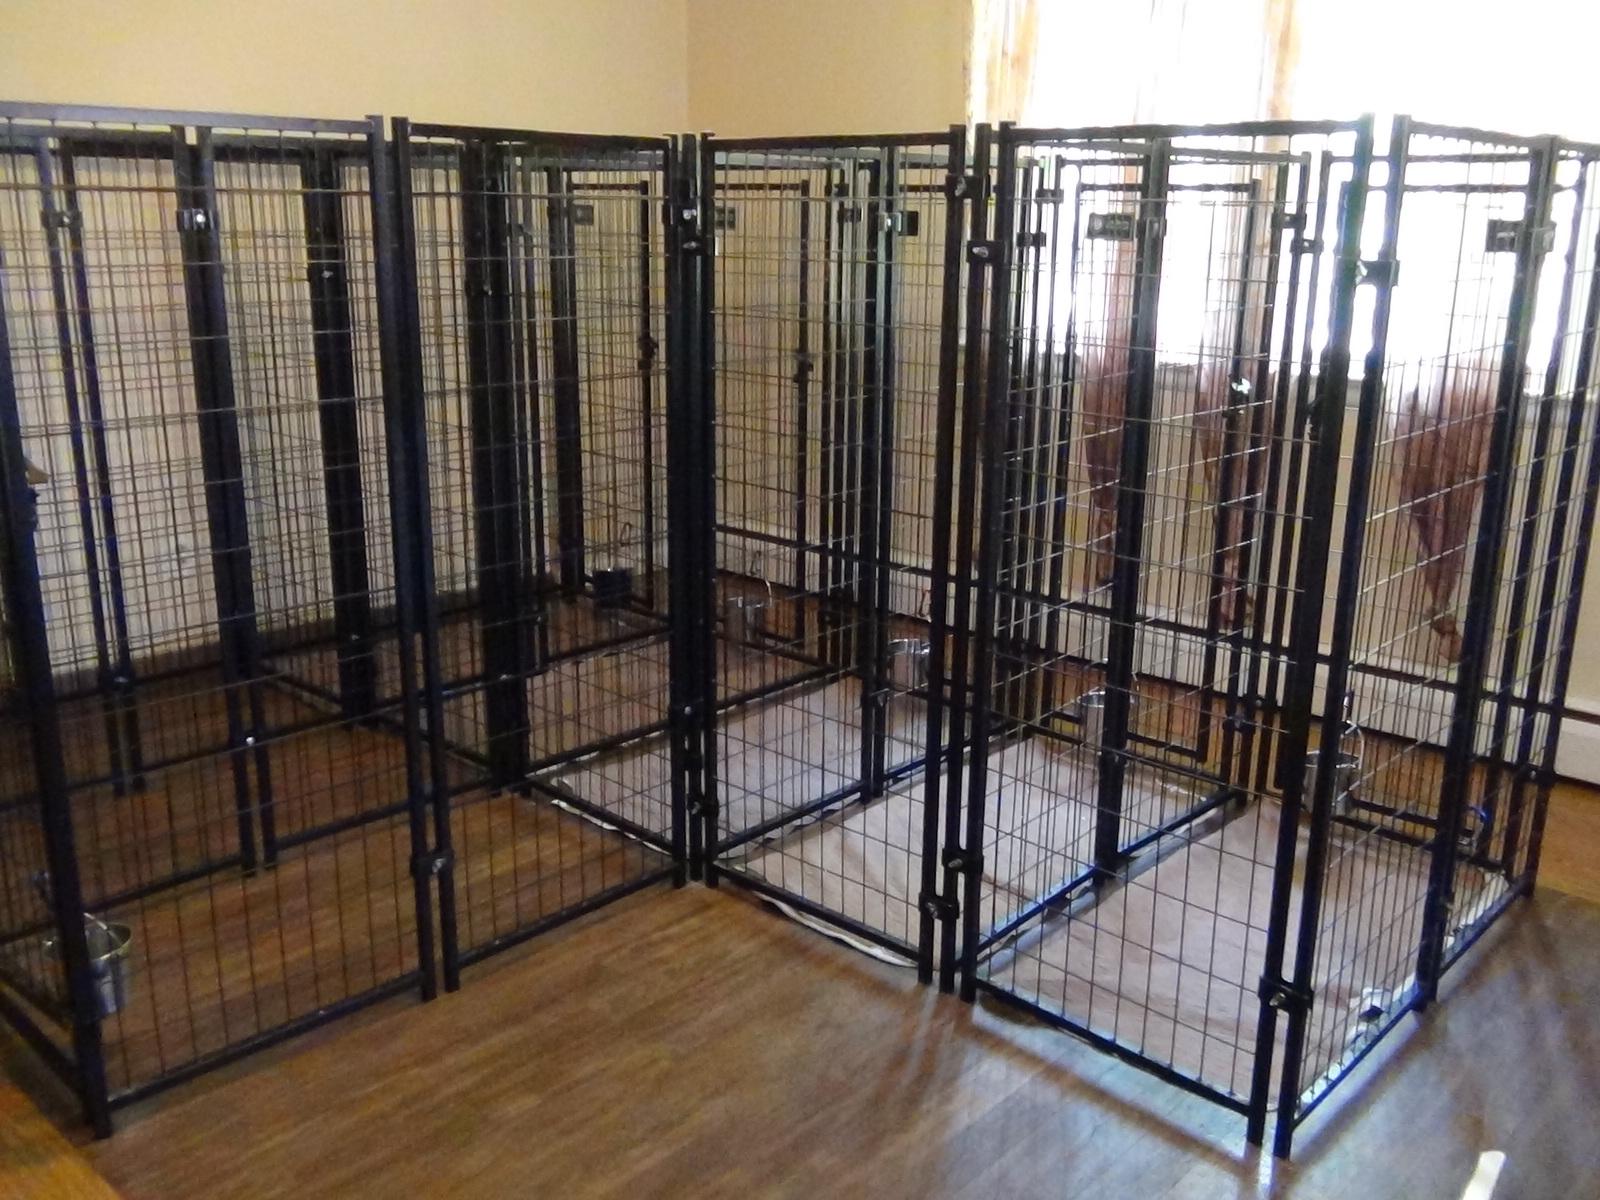 Sheltie boarding an alternative to all breed dog kennels for Building dog kennels for breeding